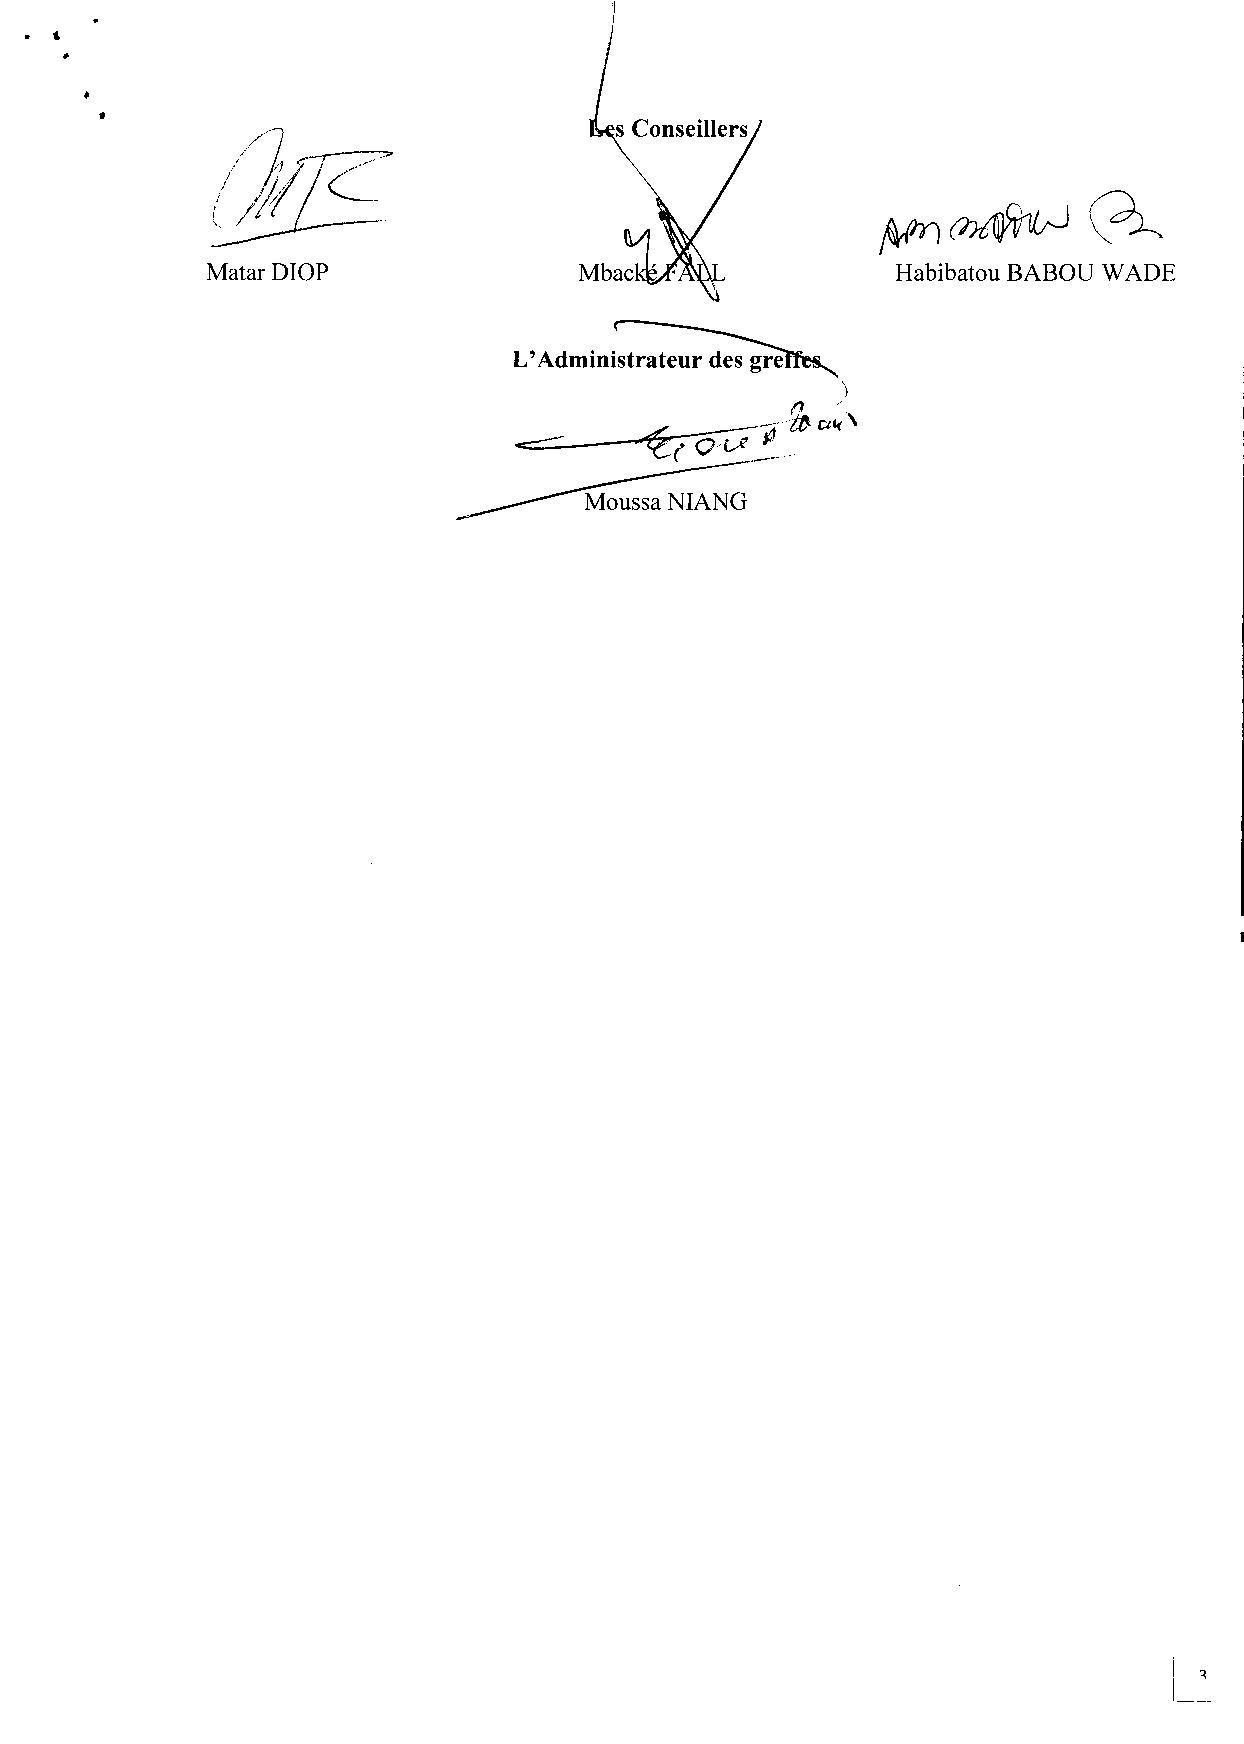 Cour suprême: Le recours de l'homme d'affaires Mbaye Faye contre l'ARMP rejeté